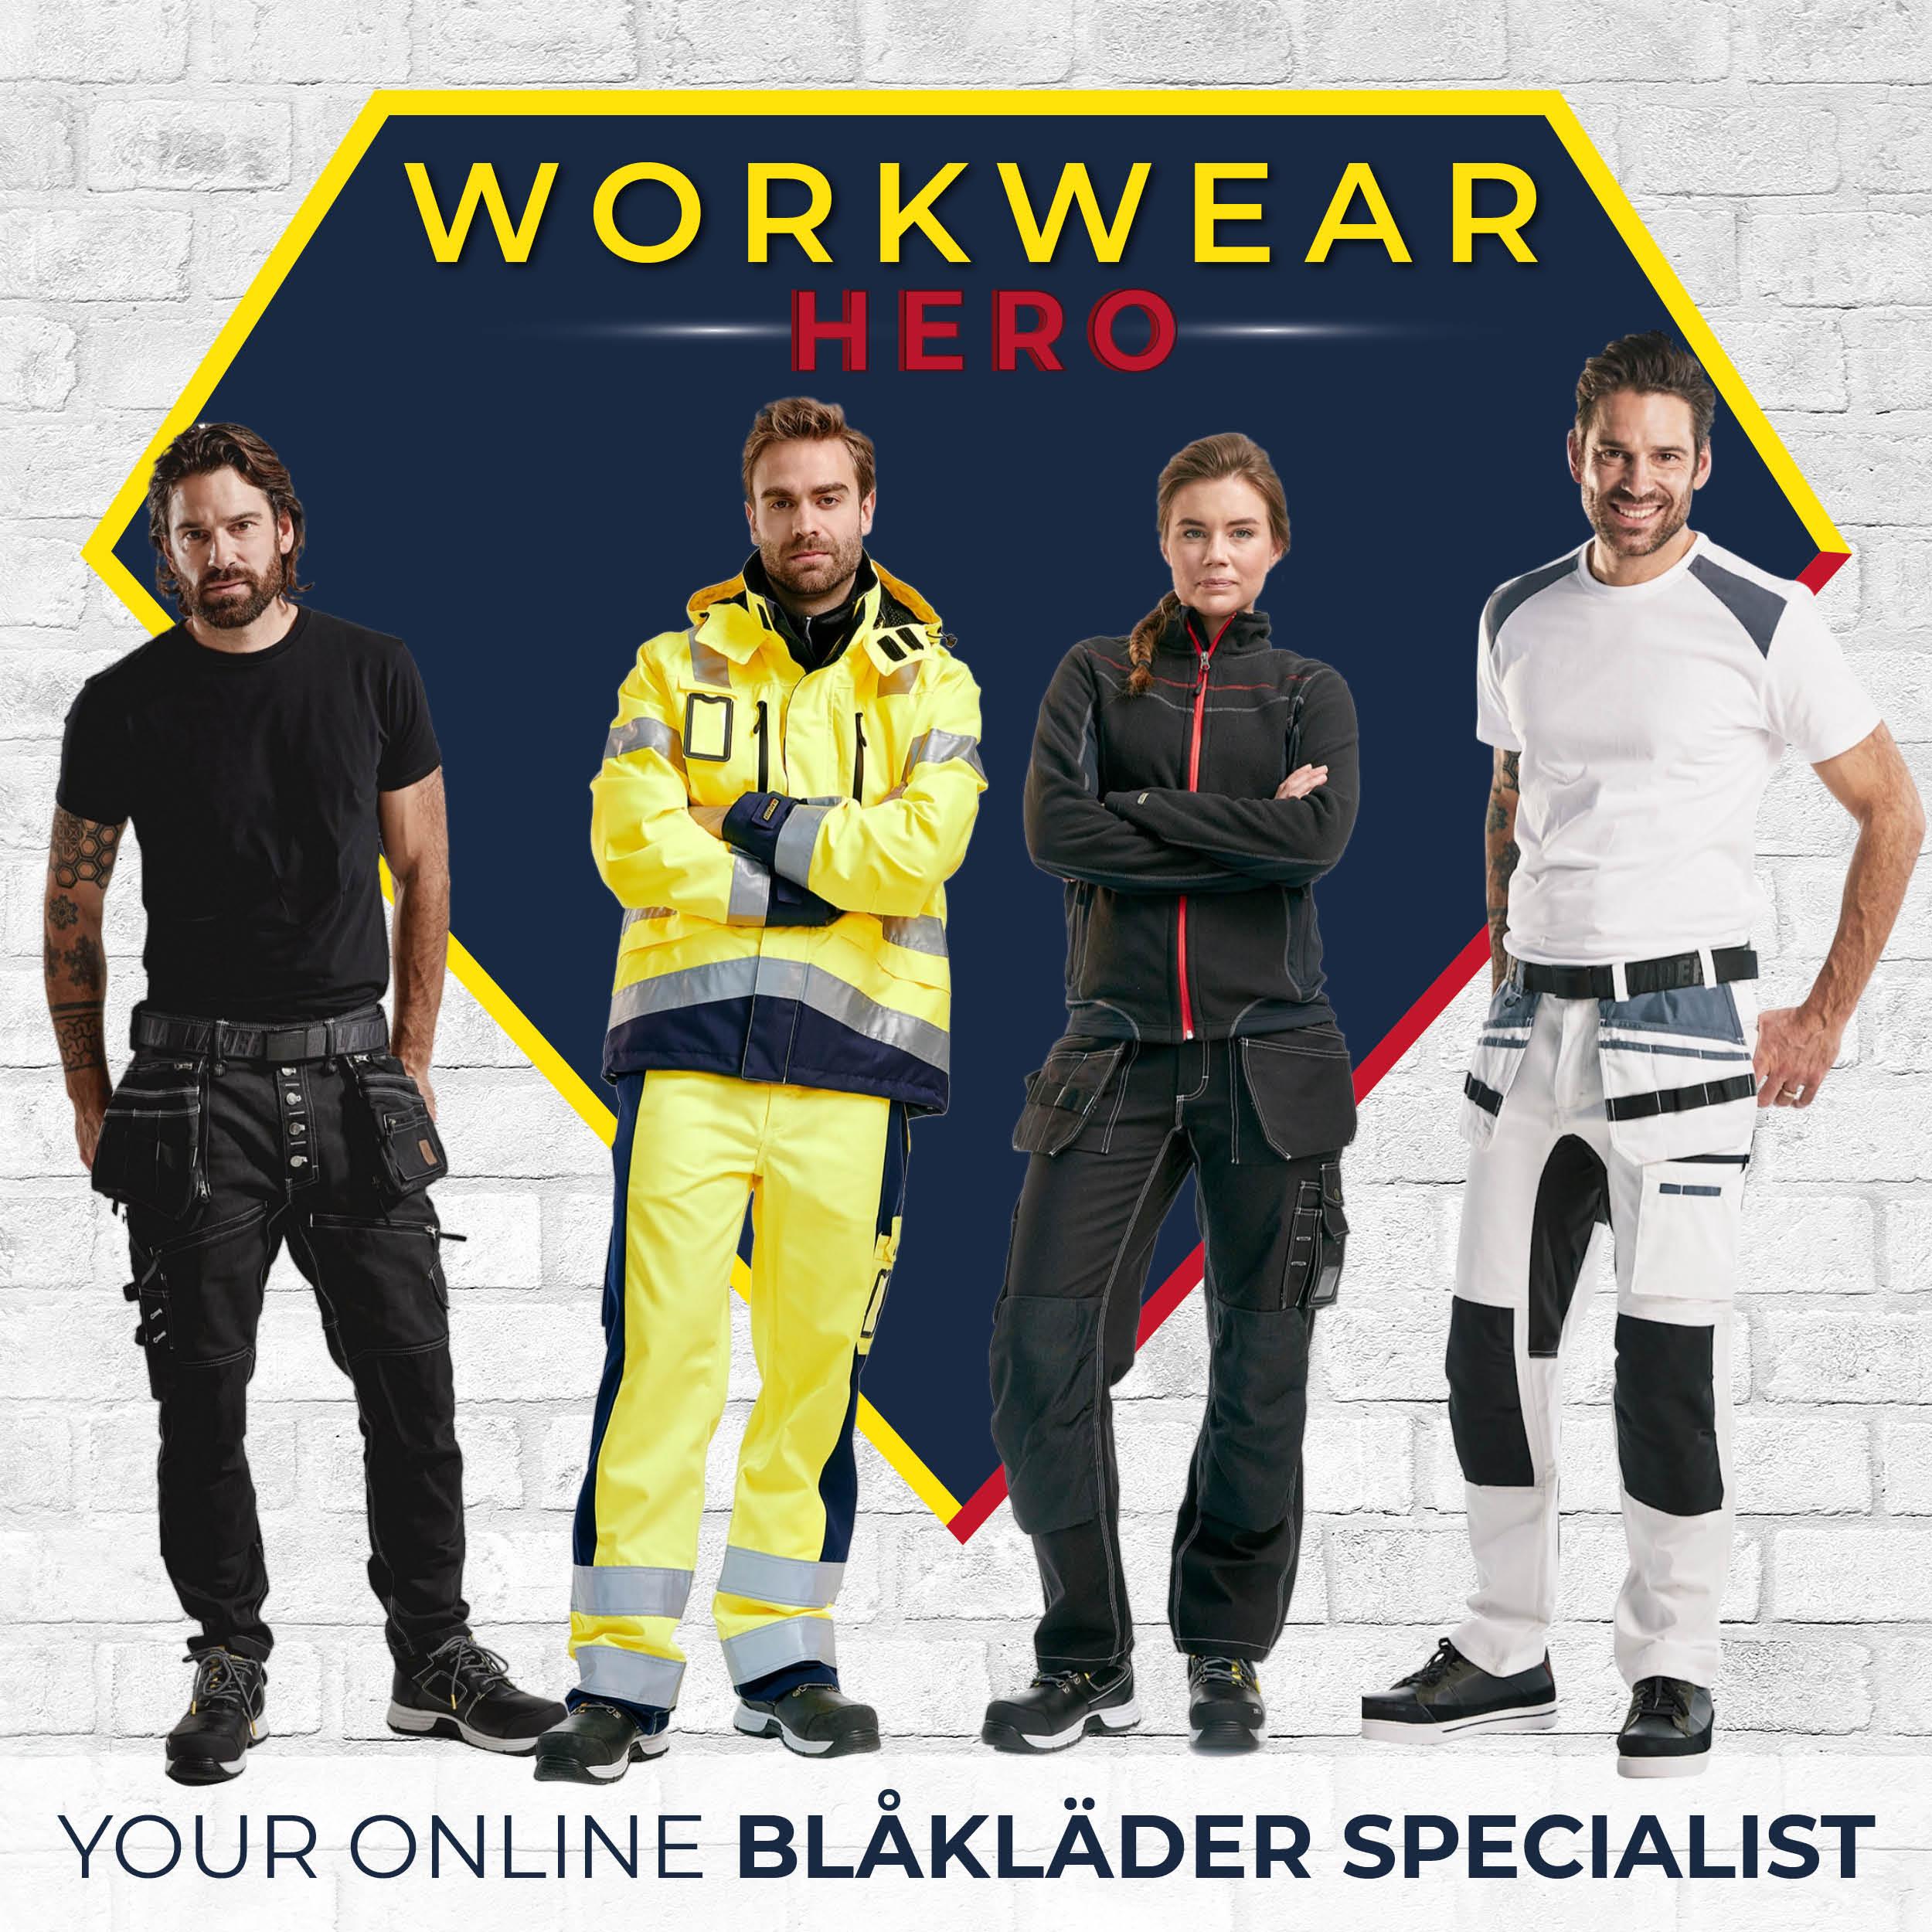 Workwear Hero our dedicated Blaklader workwear website